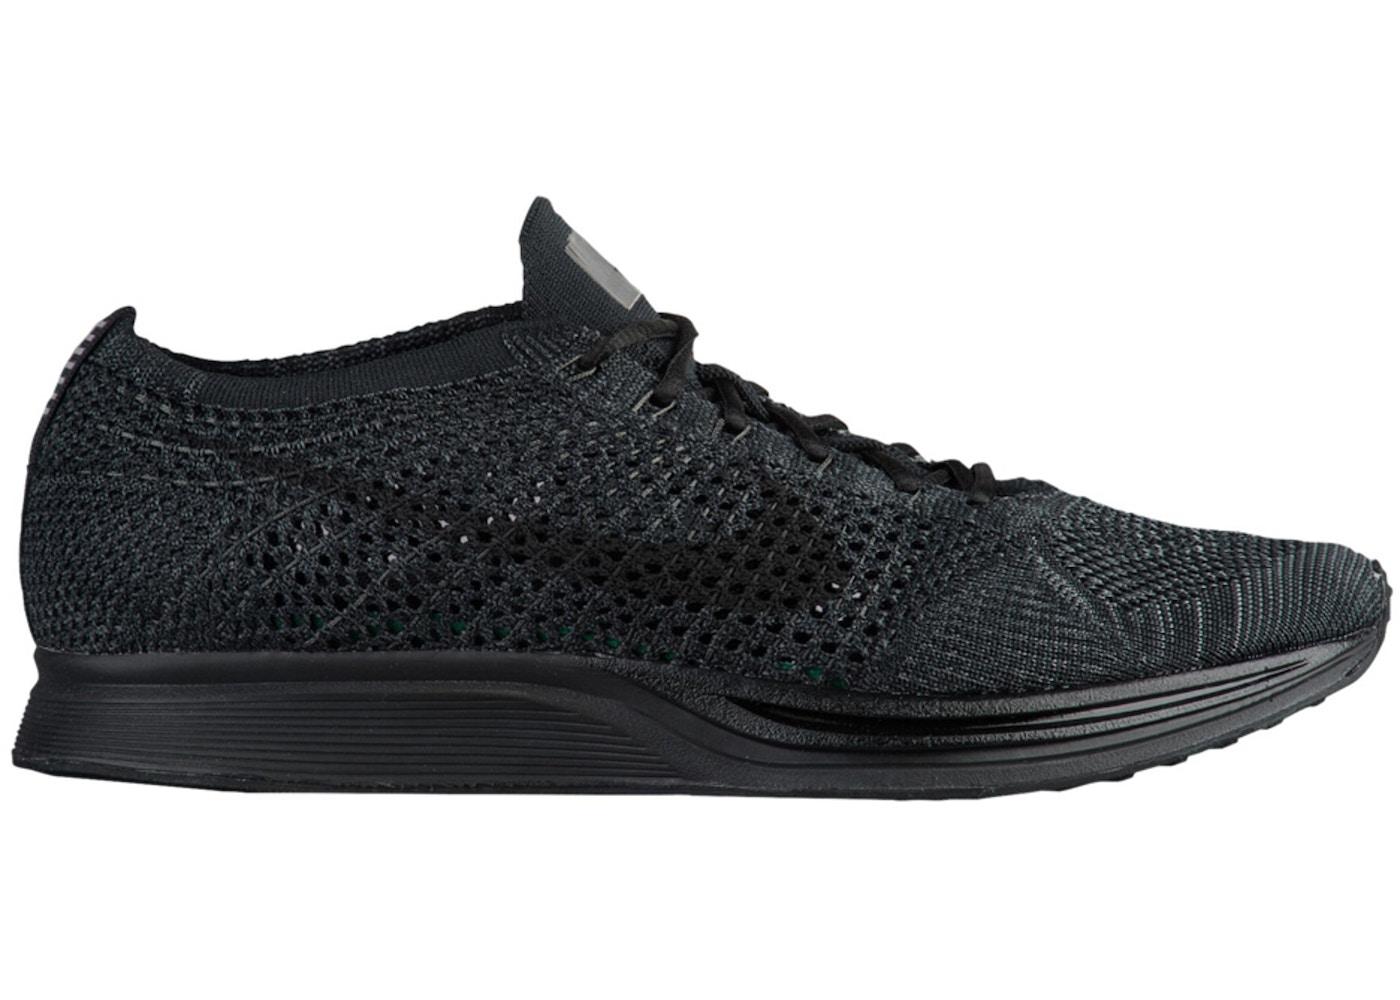 be33e6f3d1f8 Nike Flyknit Racer Triple Black - 526628-009